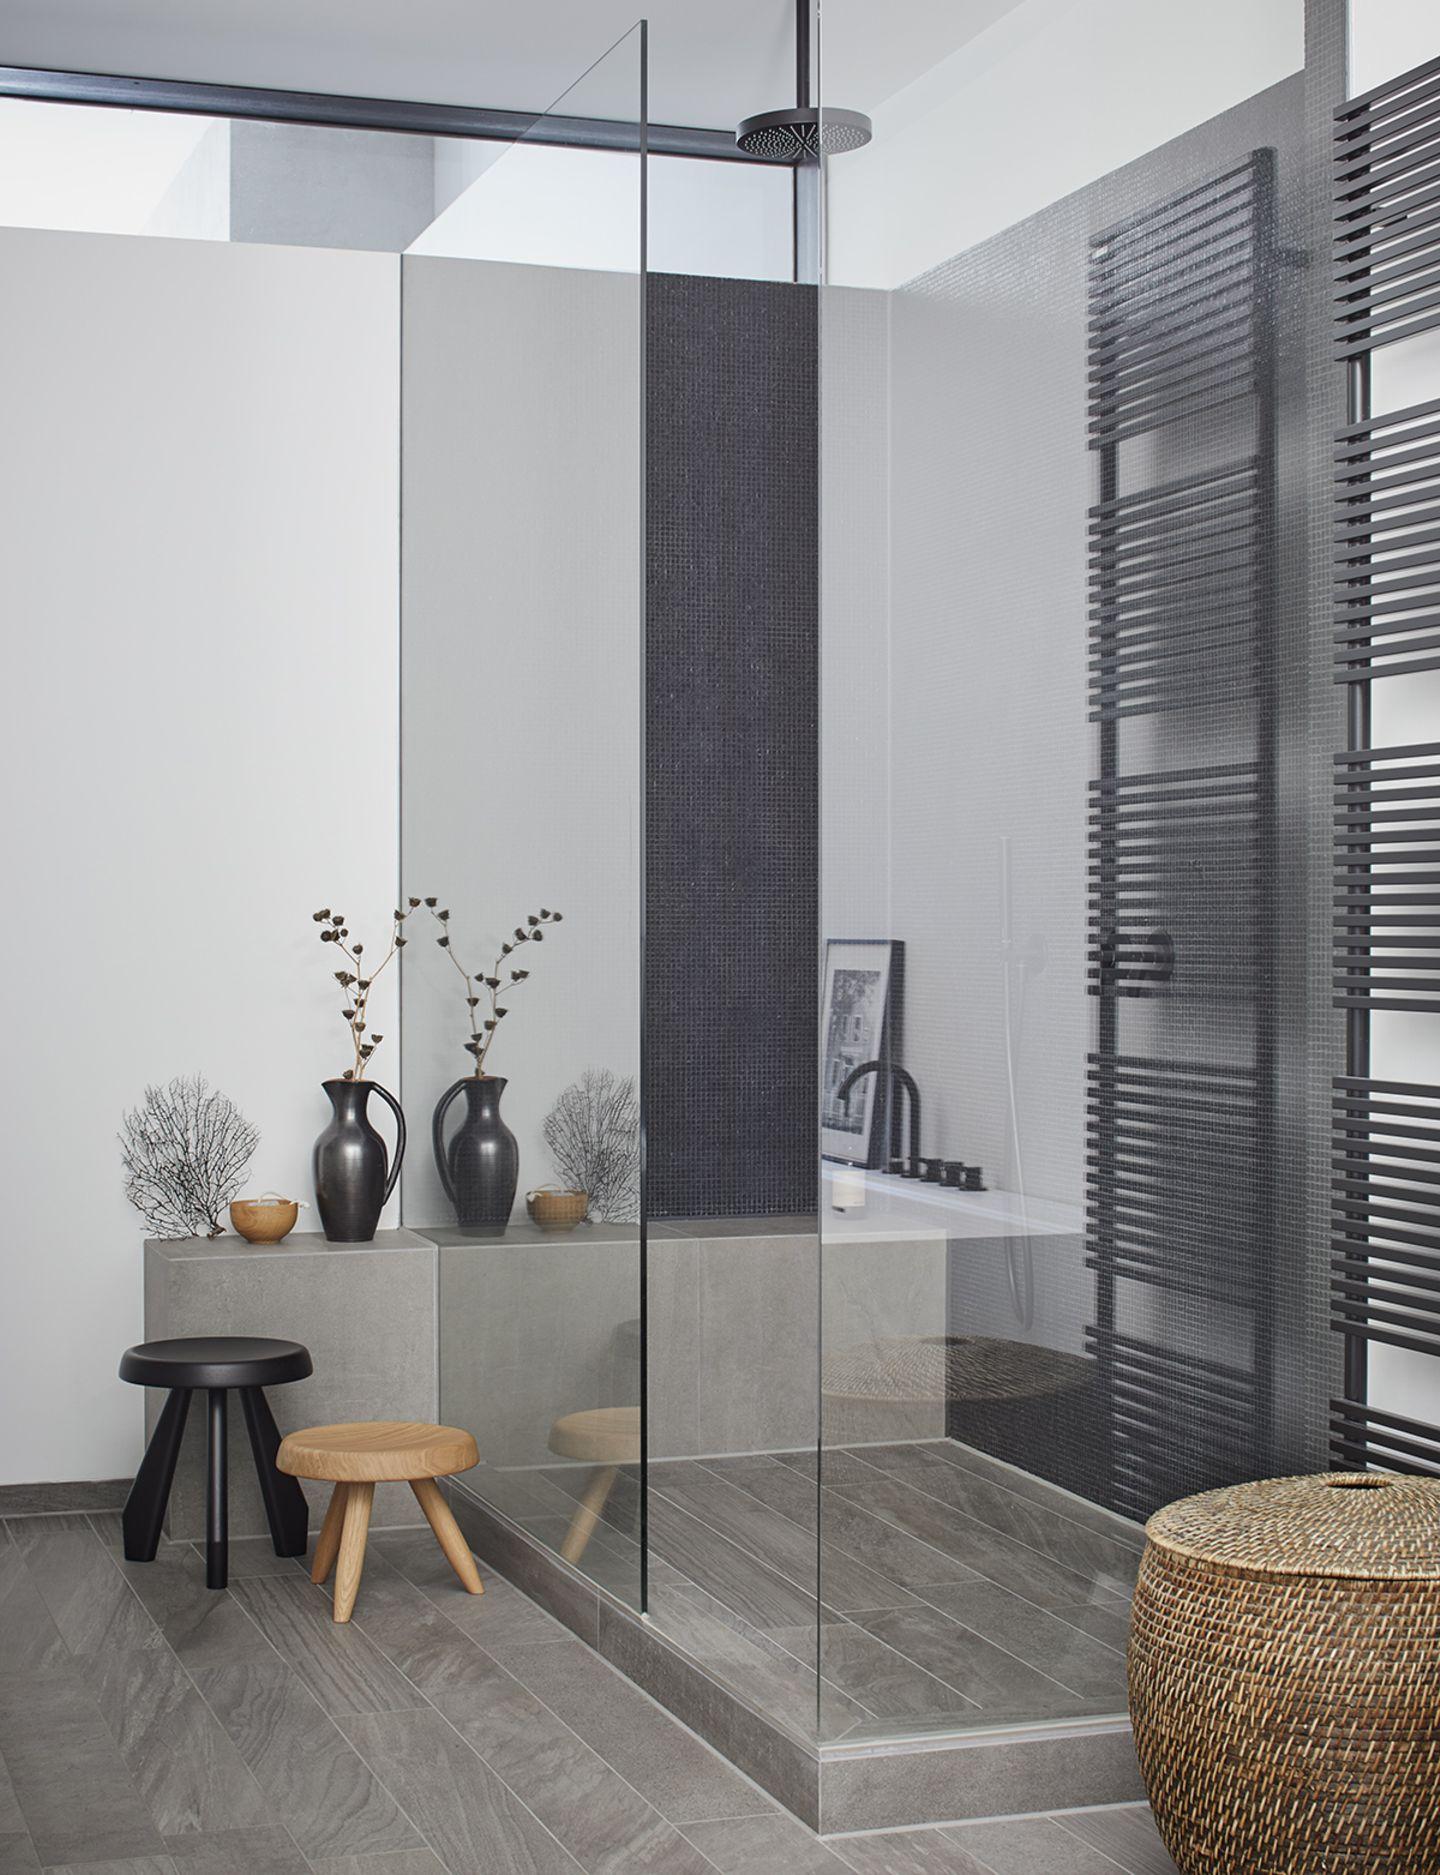 Erhellend   Lichtband im Badezimmer   Bild 20   [SCHÖNER WOHNEN]